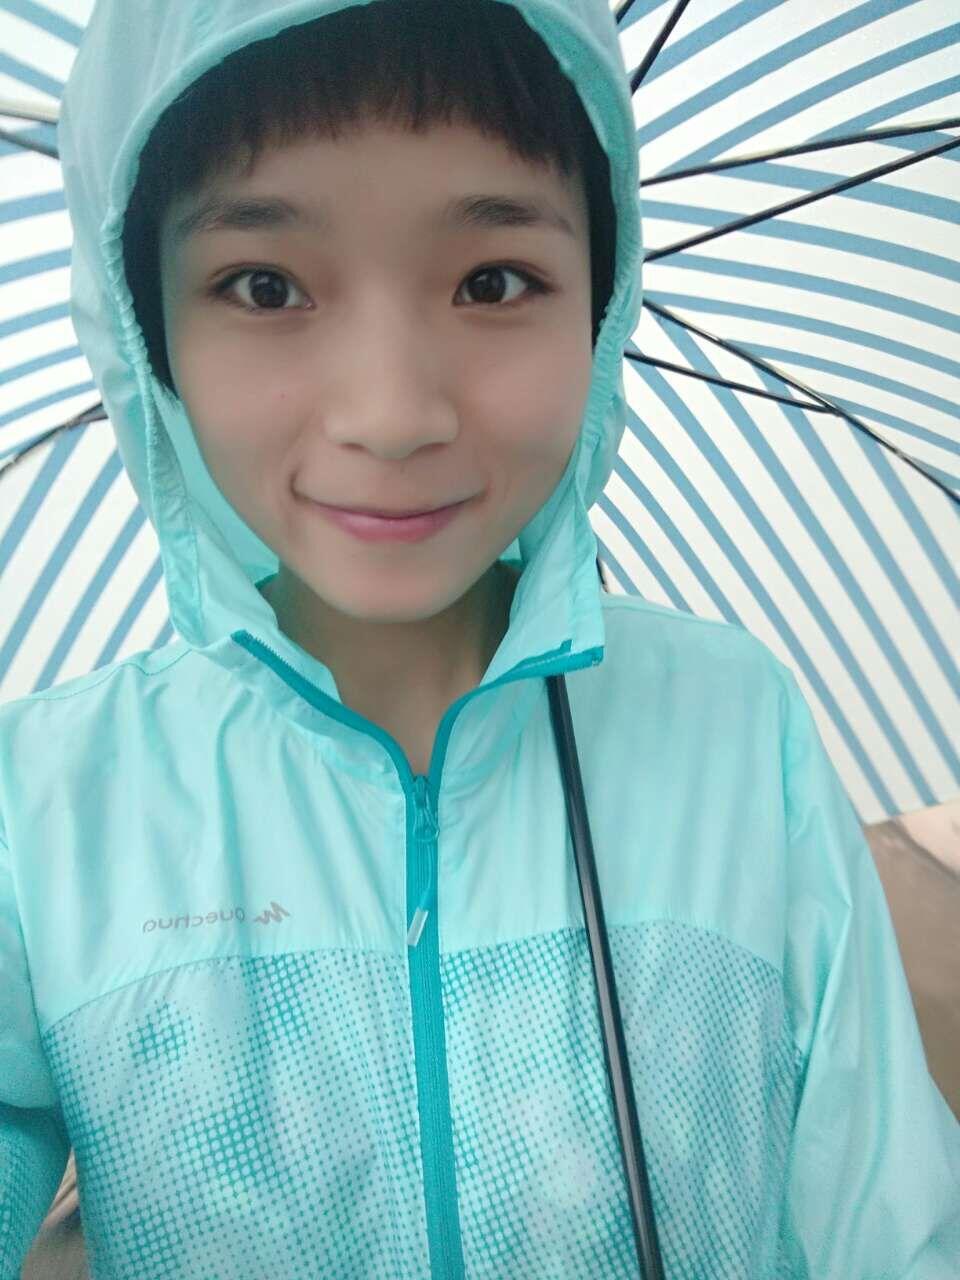 Sophia from Shanghai